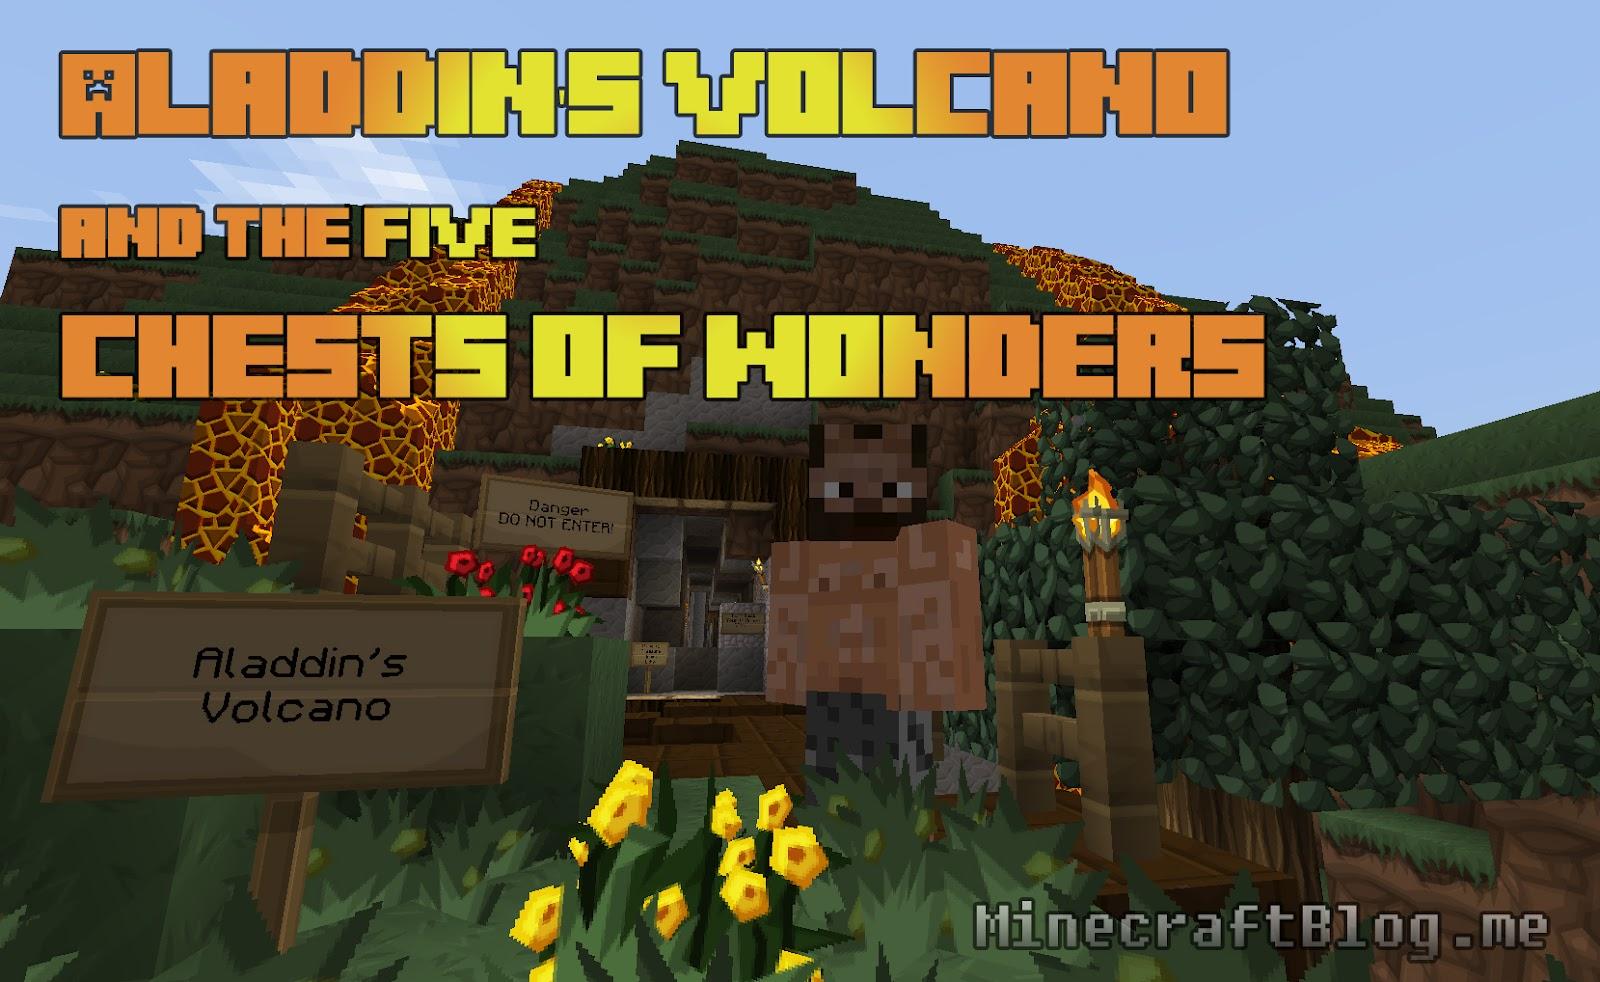 http://2.bp.blogspot.com/-TSFOgBuyRxQ/T6Mmz7LzP8I/AAAAAAAABQU/J1MmqQjP6AE/s1600/aladdins_volcano.jpg